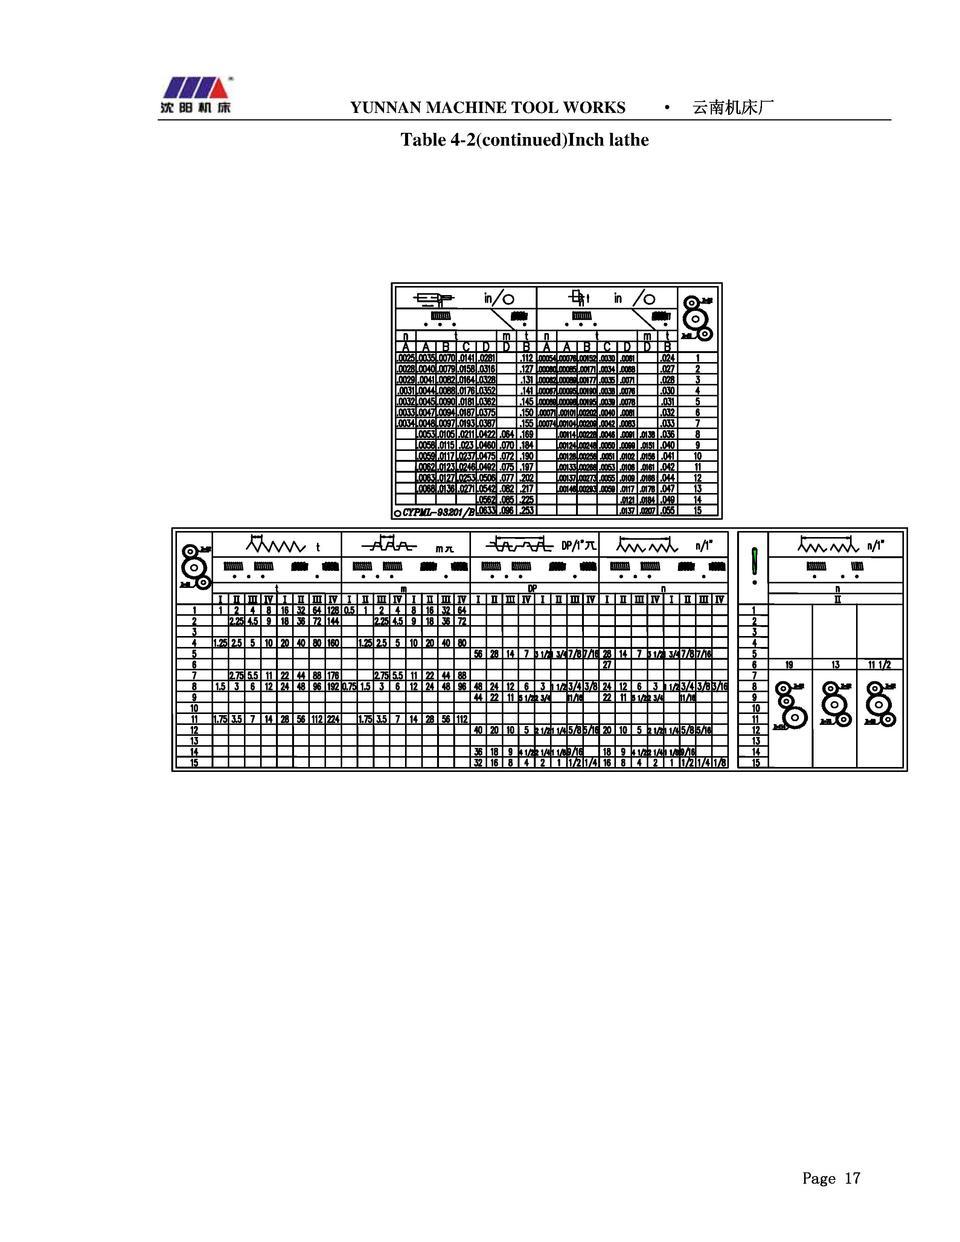 manual  yunnan cypml lathe   simplebooklet com